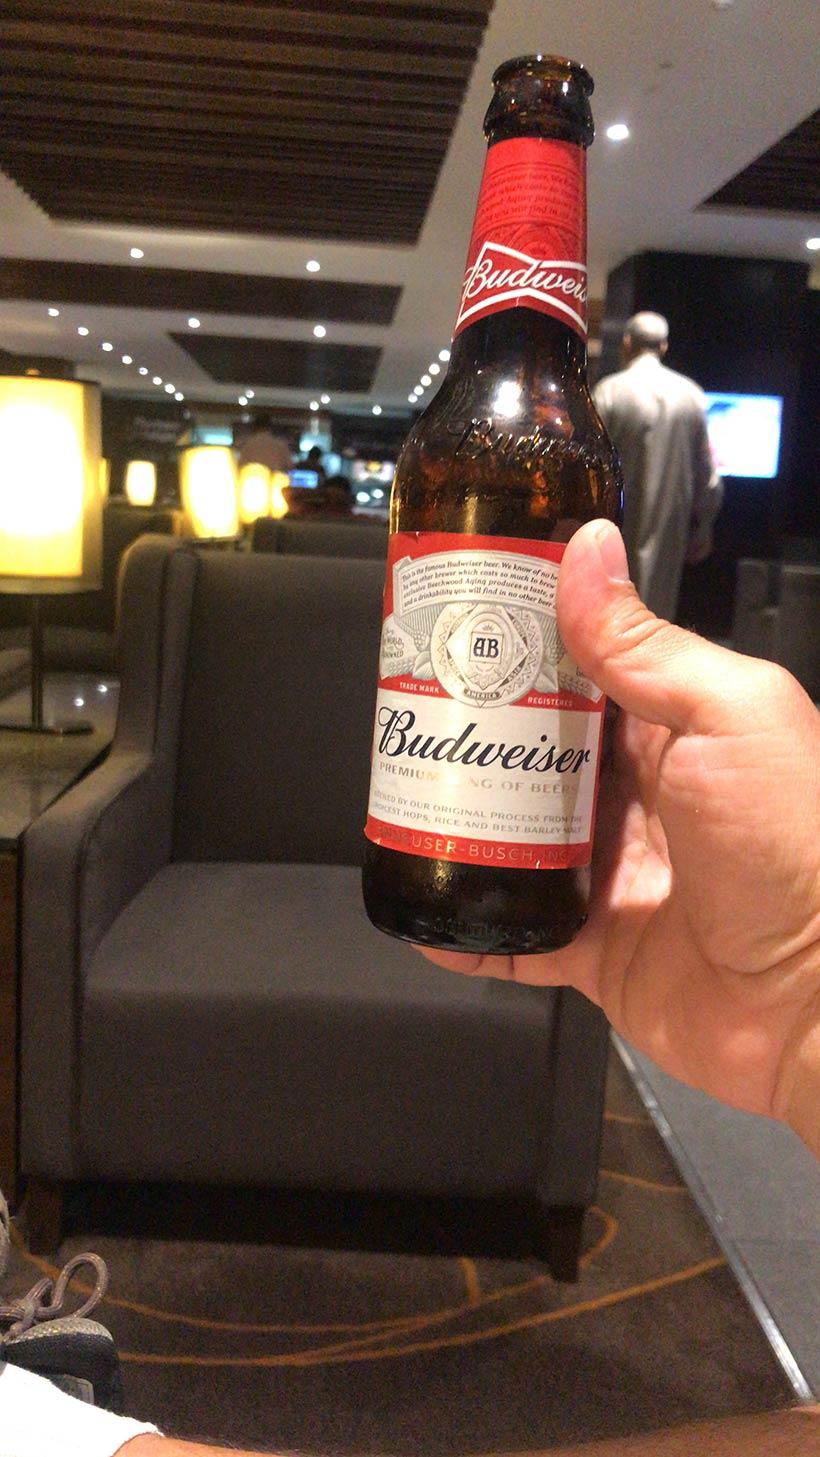 Tomando cerveja no VIP Lounge de Bangalore em uma conexão na Índia